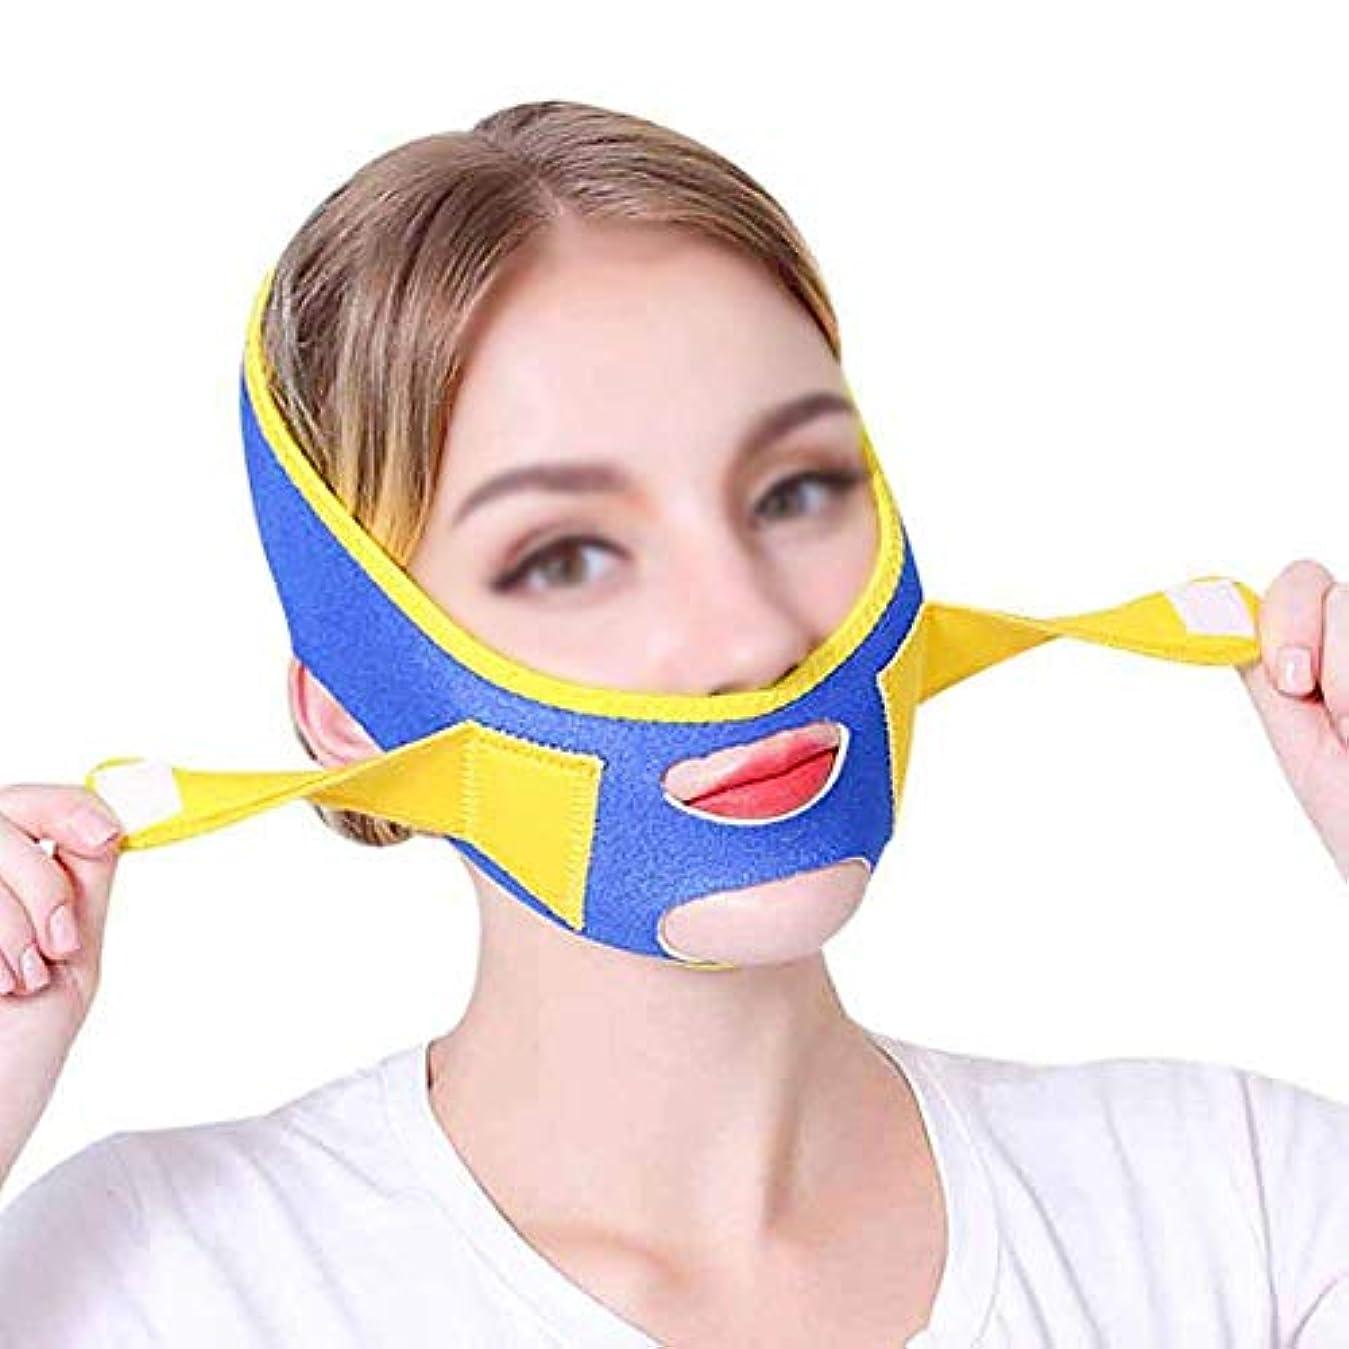 信頼性のある航空機浅いフェイスリフトマスク、あごストラップ回復包帯シンフェイスマスクVフェイスステッカーフェイスリフトステッカー韓国本物のリフティングファーミングリフト整形薄型ダブルチンフェイスリフト睡眠包帯アーティファクト